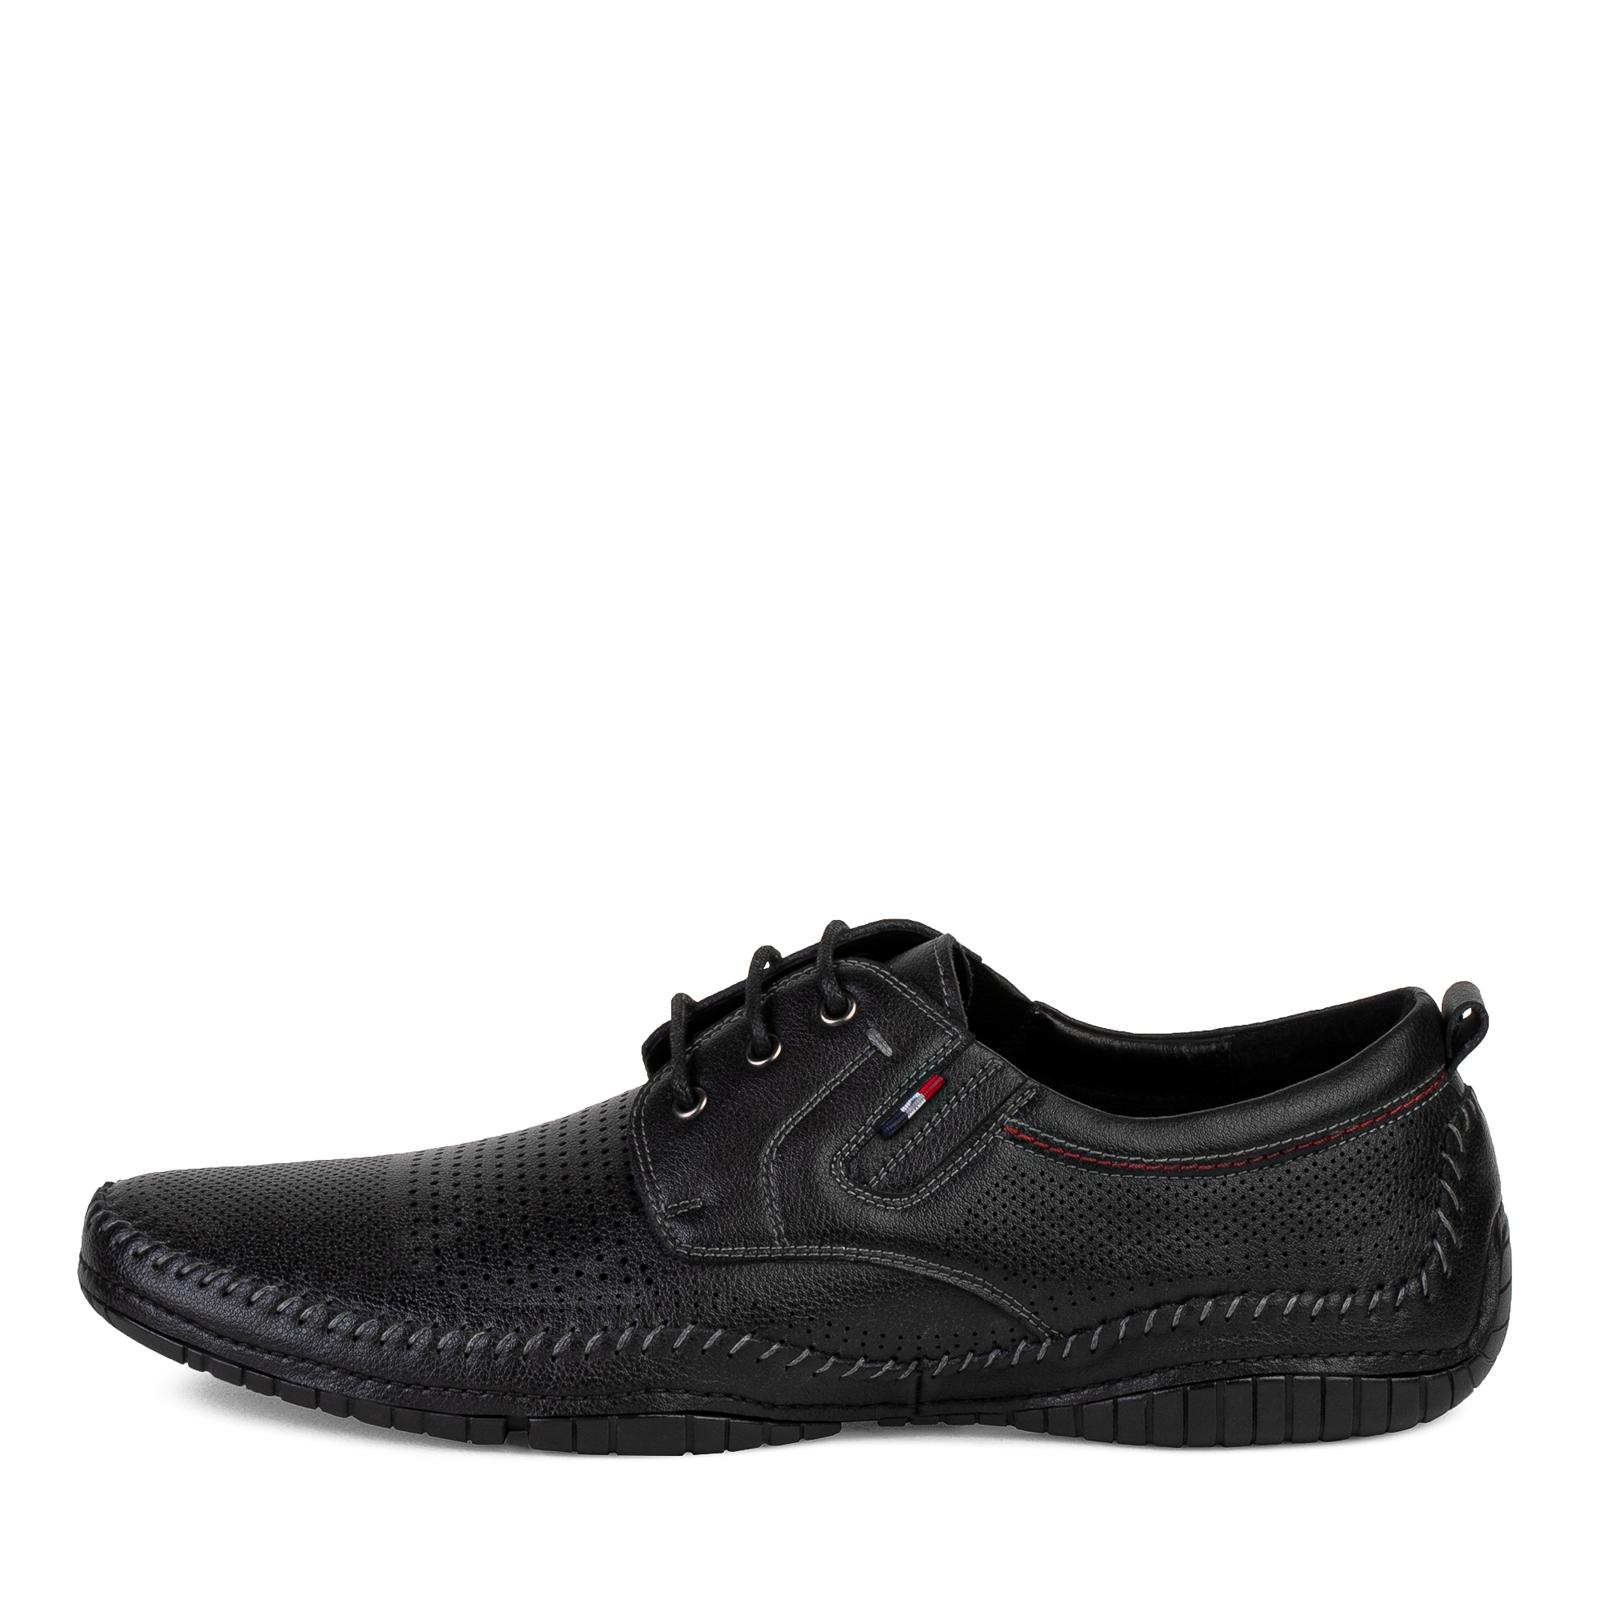 Полуботинки MUNZ Shoes 058-118F-1602